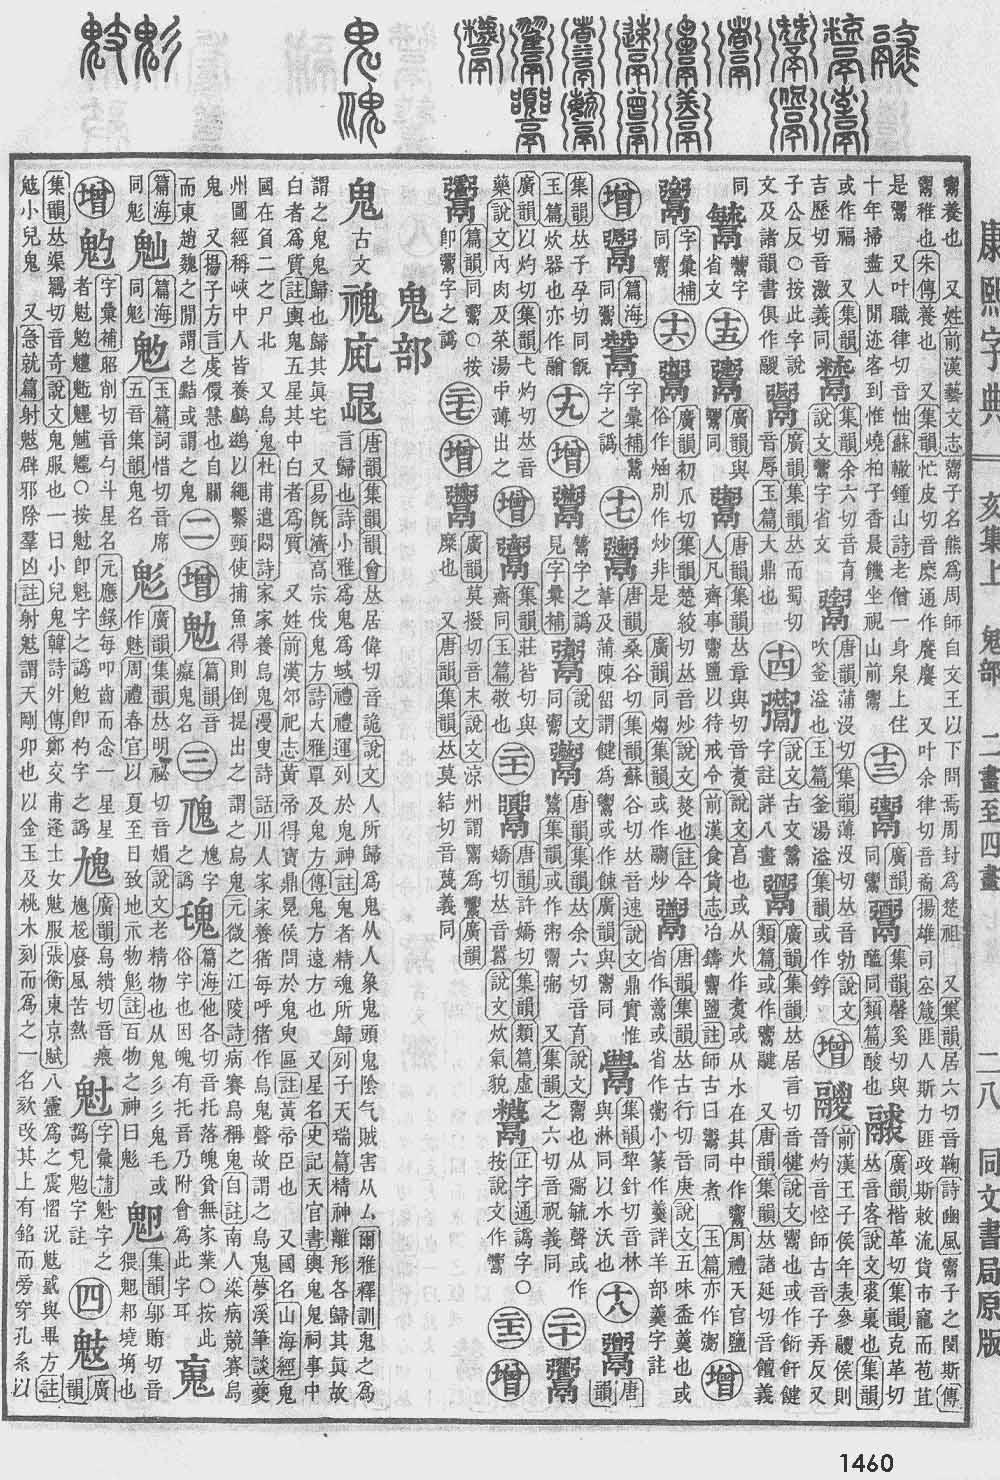 《康熙字典》第1460页